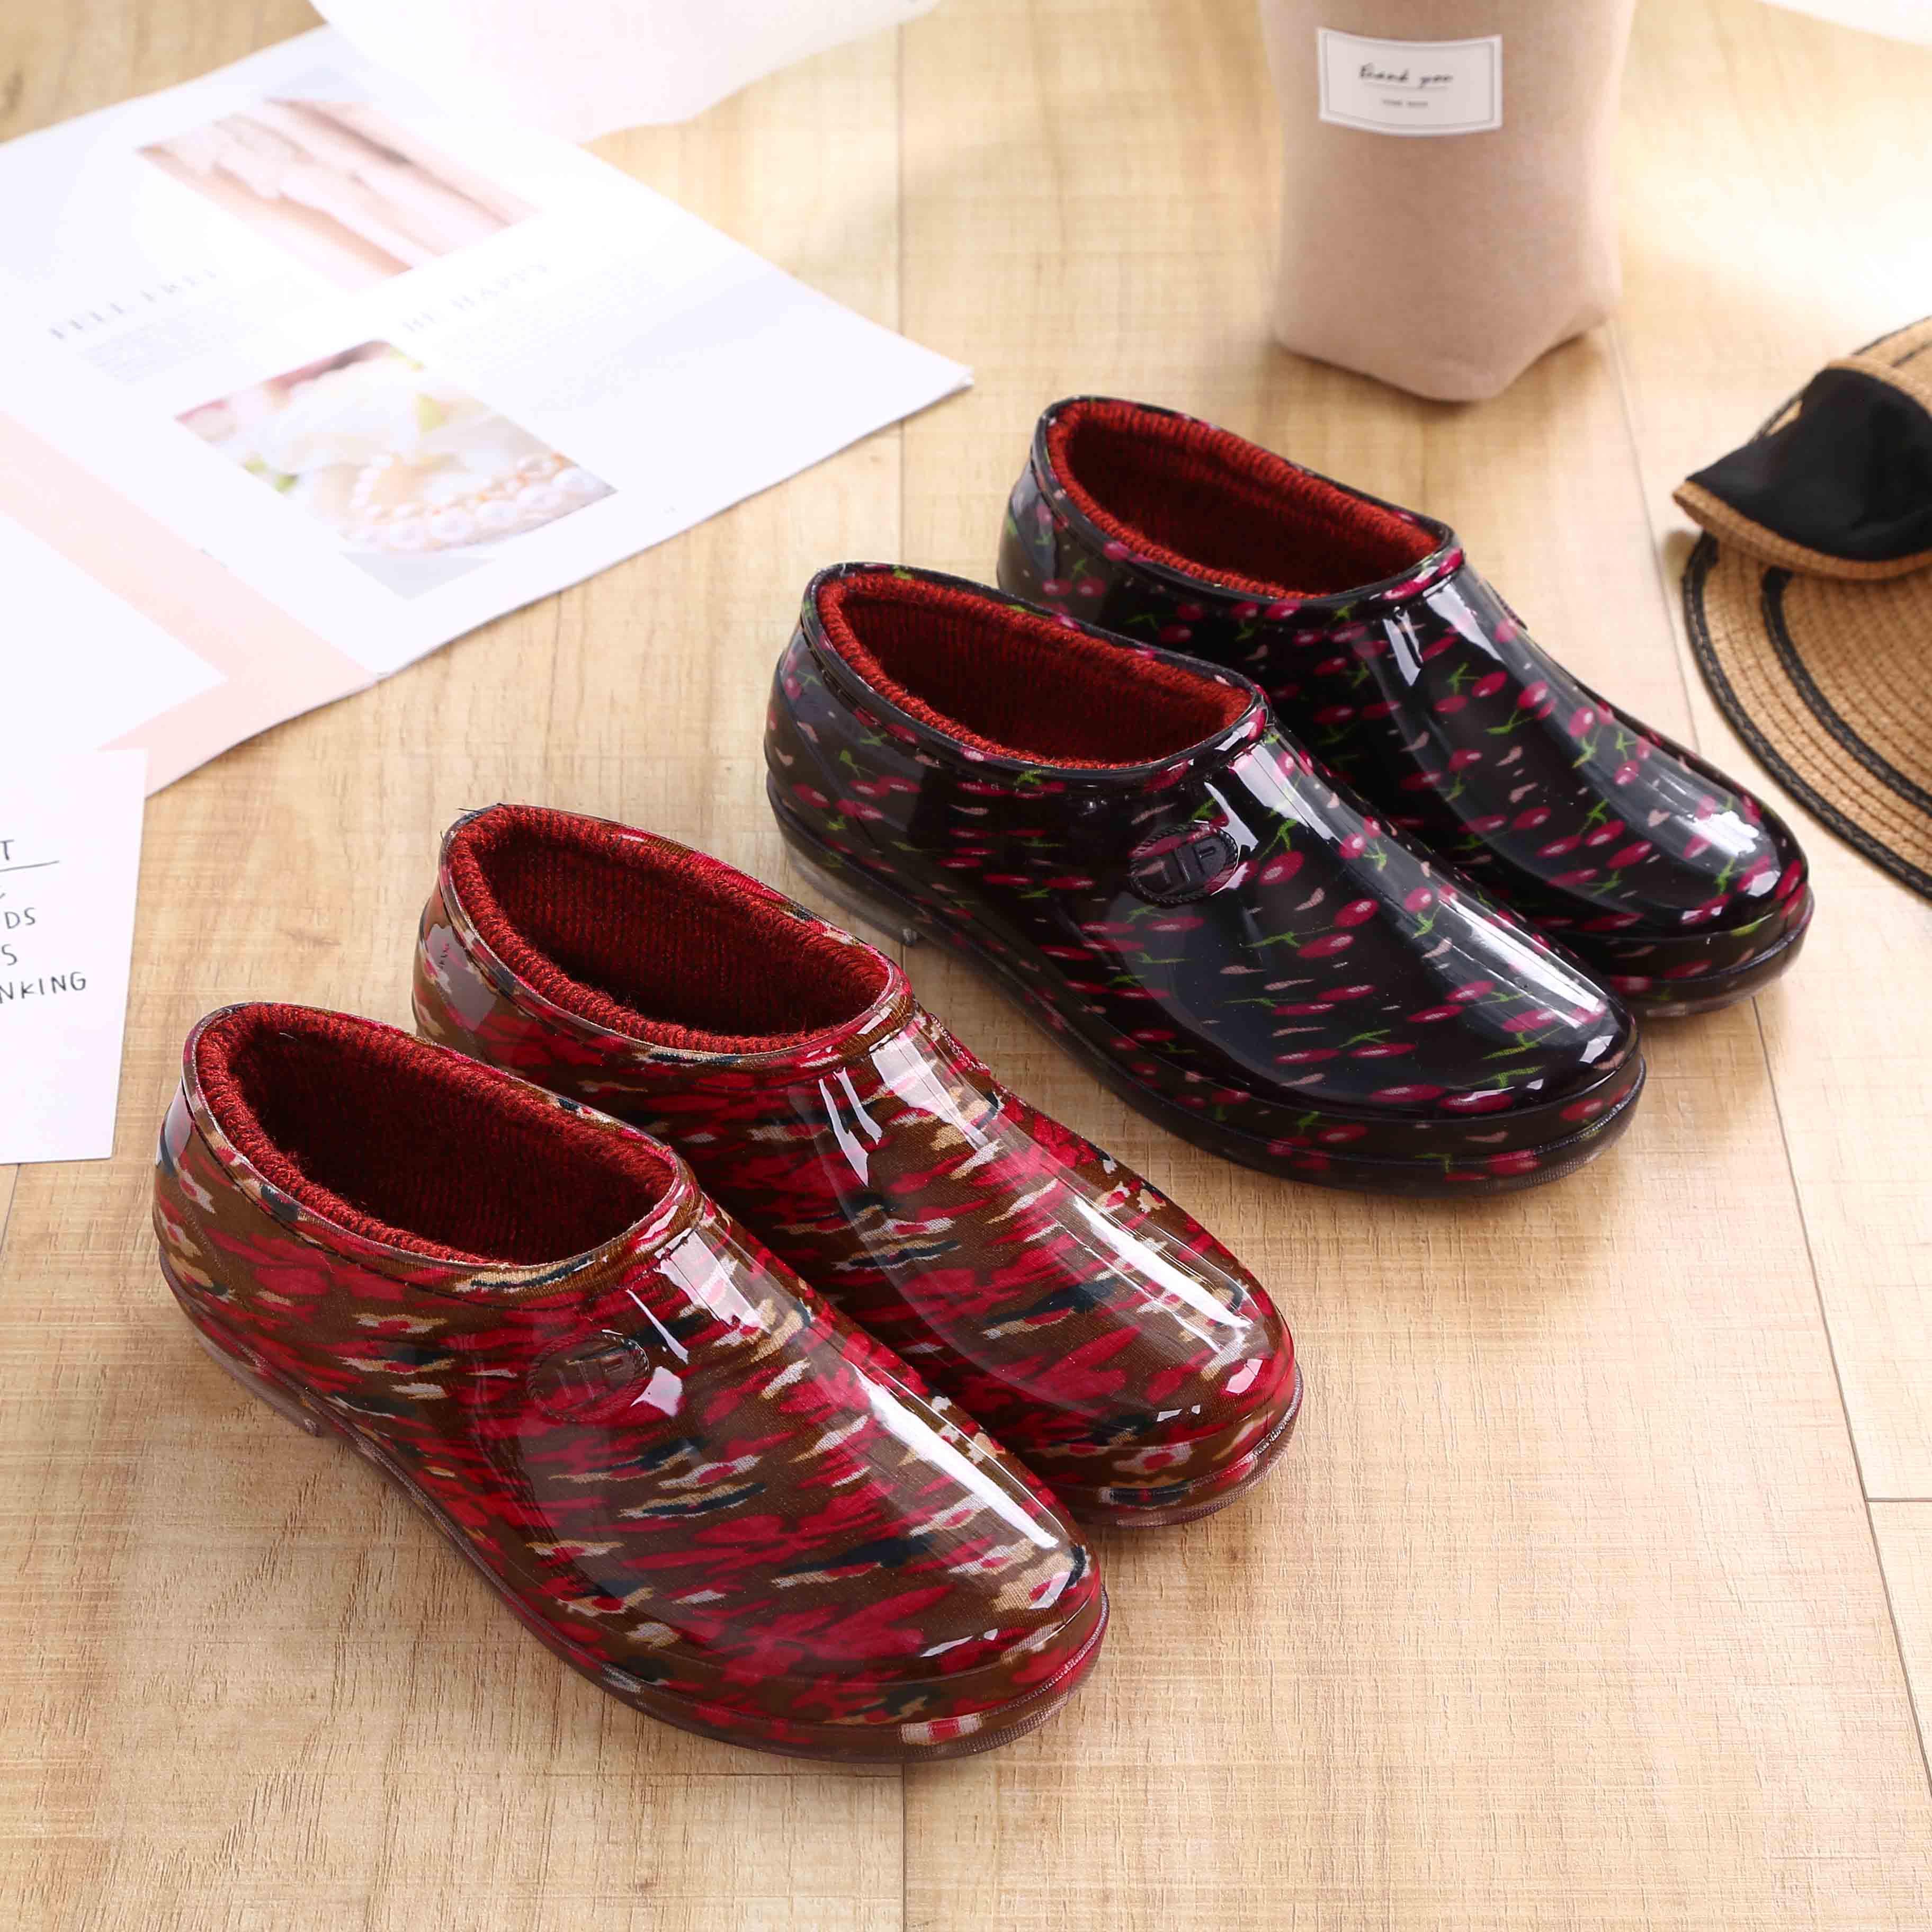 Màu đỏ vương miện hạn chế cộng với đôi giày đi mưa bằng vải cotton thấp dành cho nữ công sở nhà bếp giày nông miệng bảo vệ giày không thấm nước giày cao su chống trượt giày nhẹ - Rainshoes